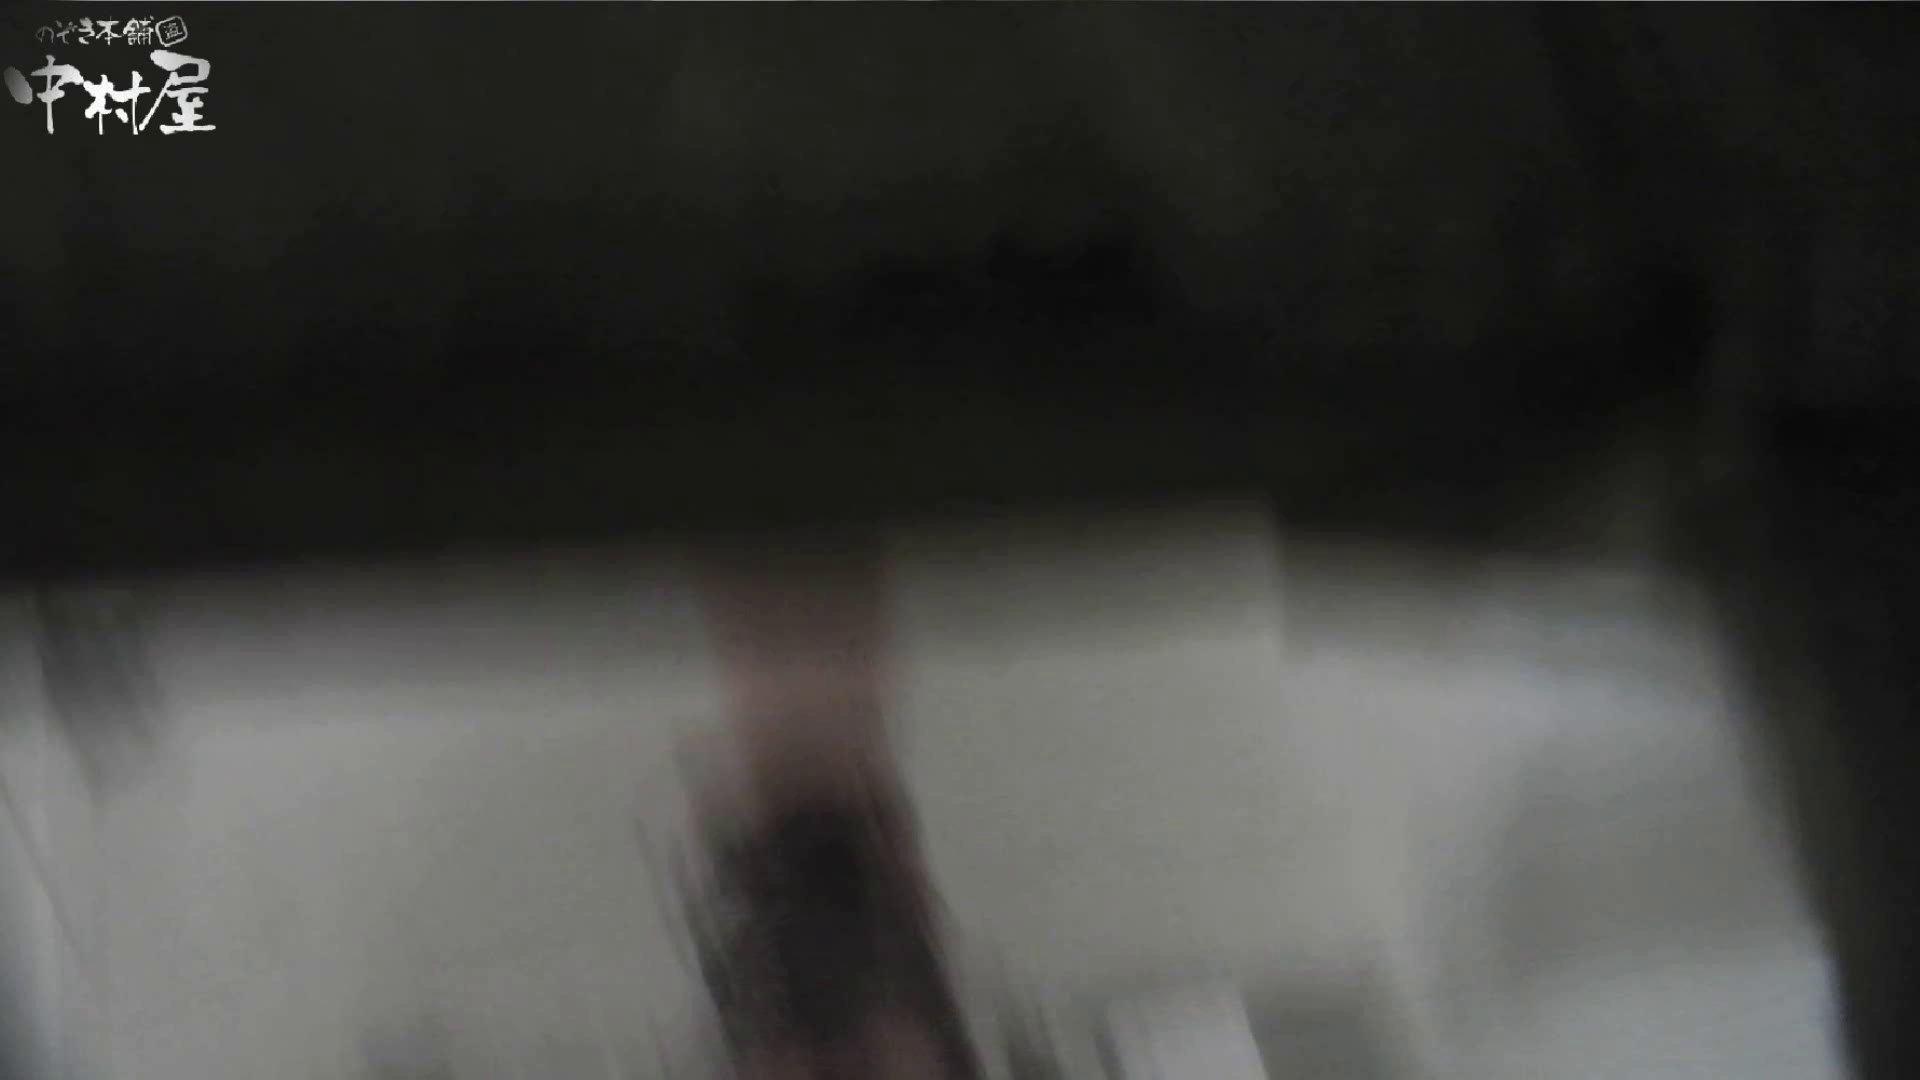 vol.47 命がけ潜伏洗面所! 可愛い顔してケツ毛な件 プライベート ぱこり動画紹介 94連発 11